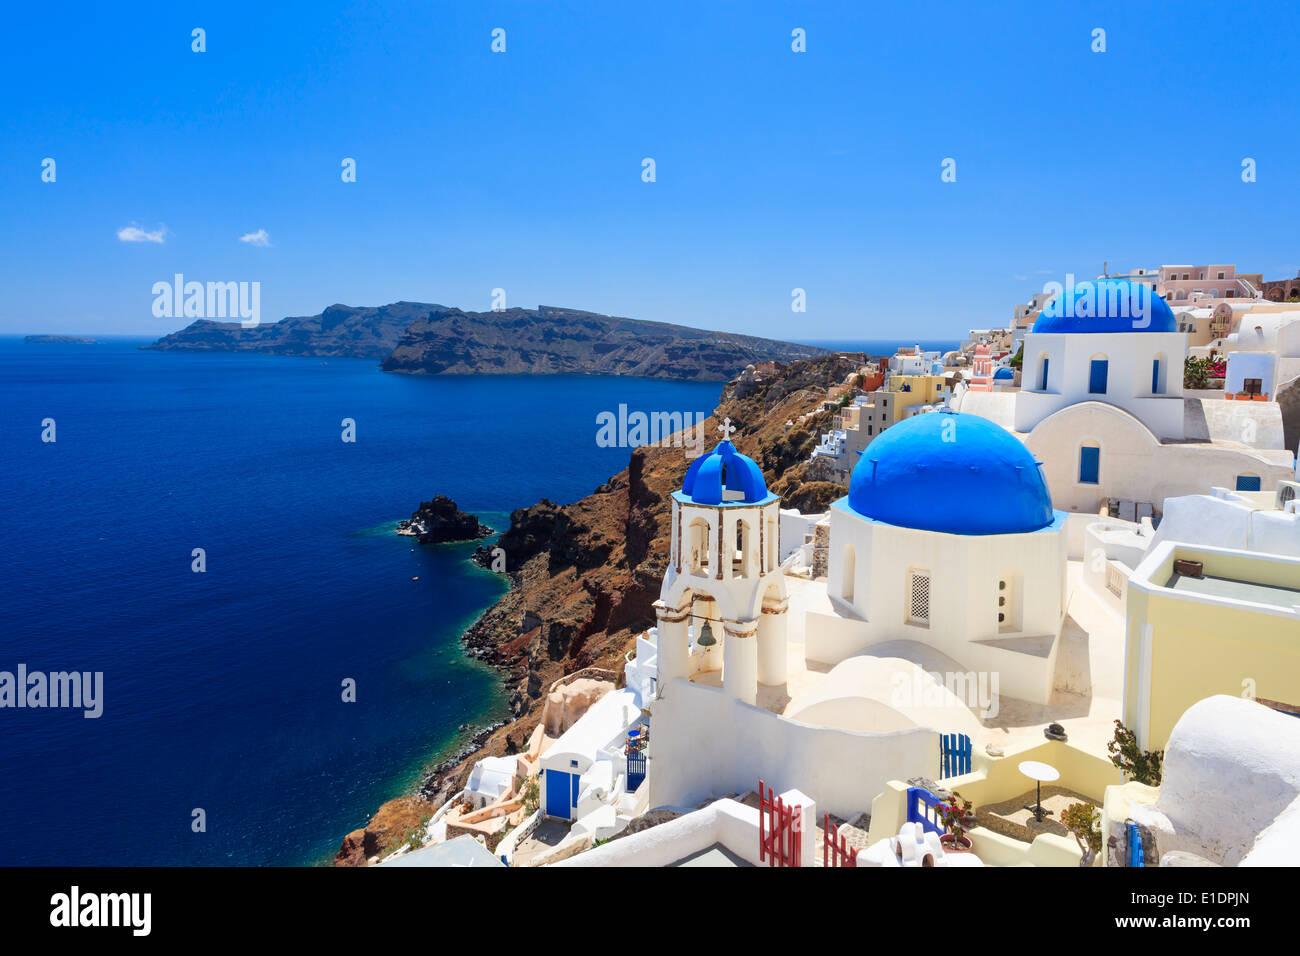 Blauen Kuppelkirchen auf die Caldera in Oia auf der griechischen Insel Santorin. Stockbild